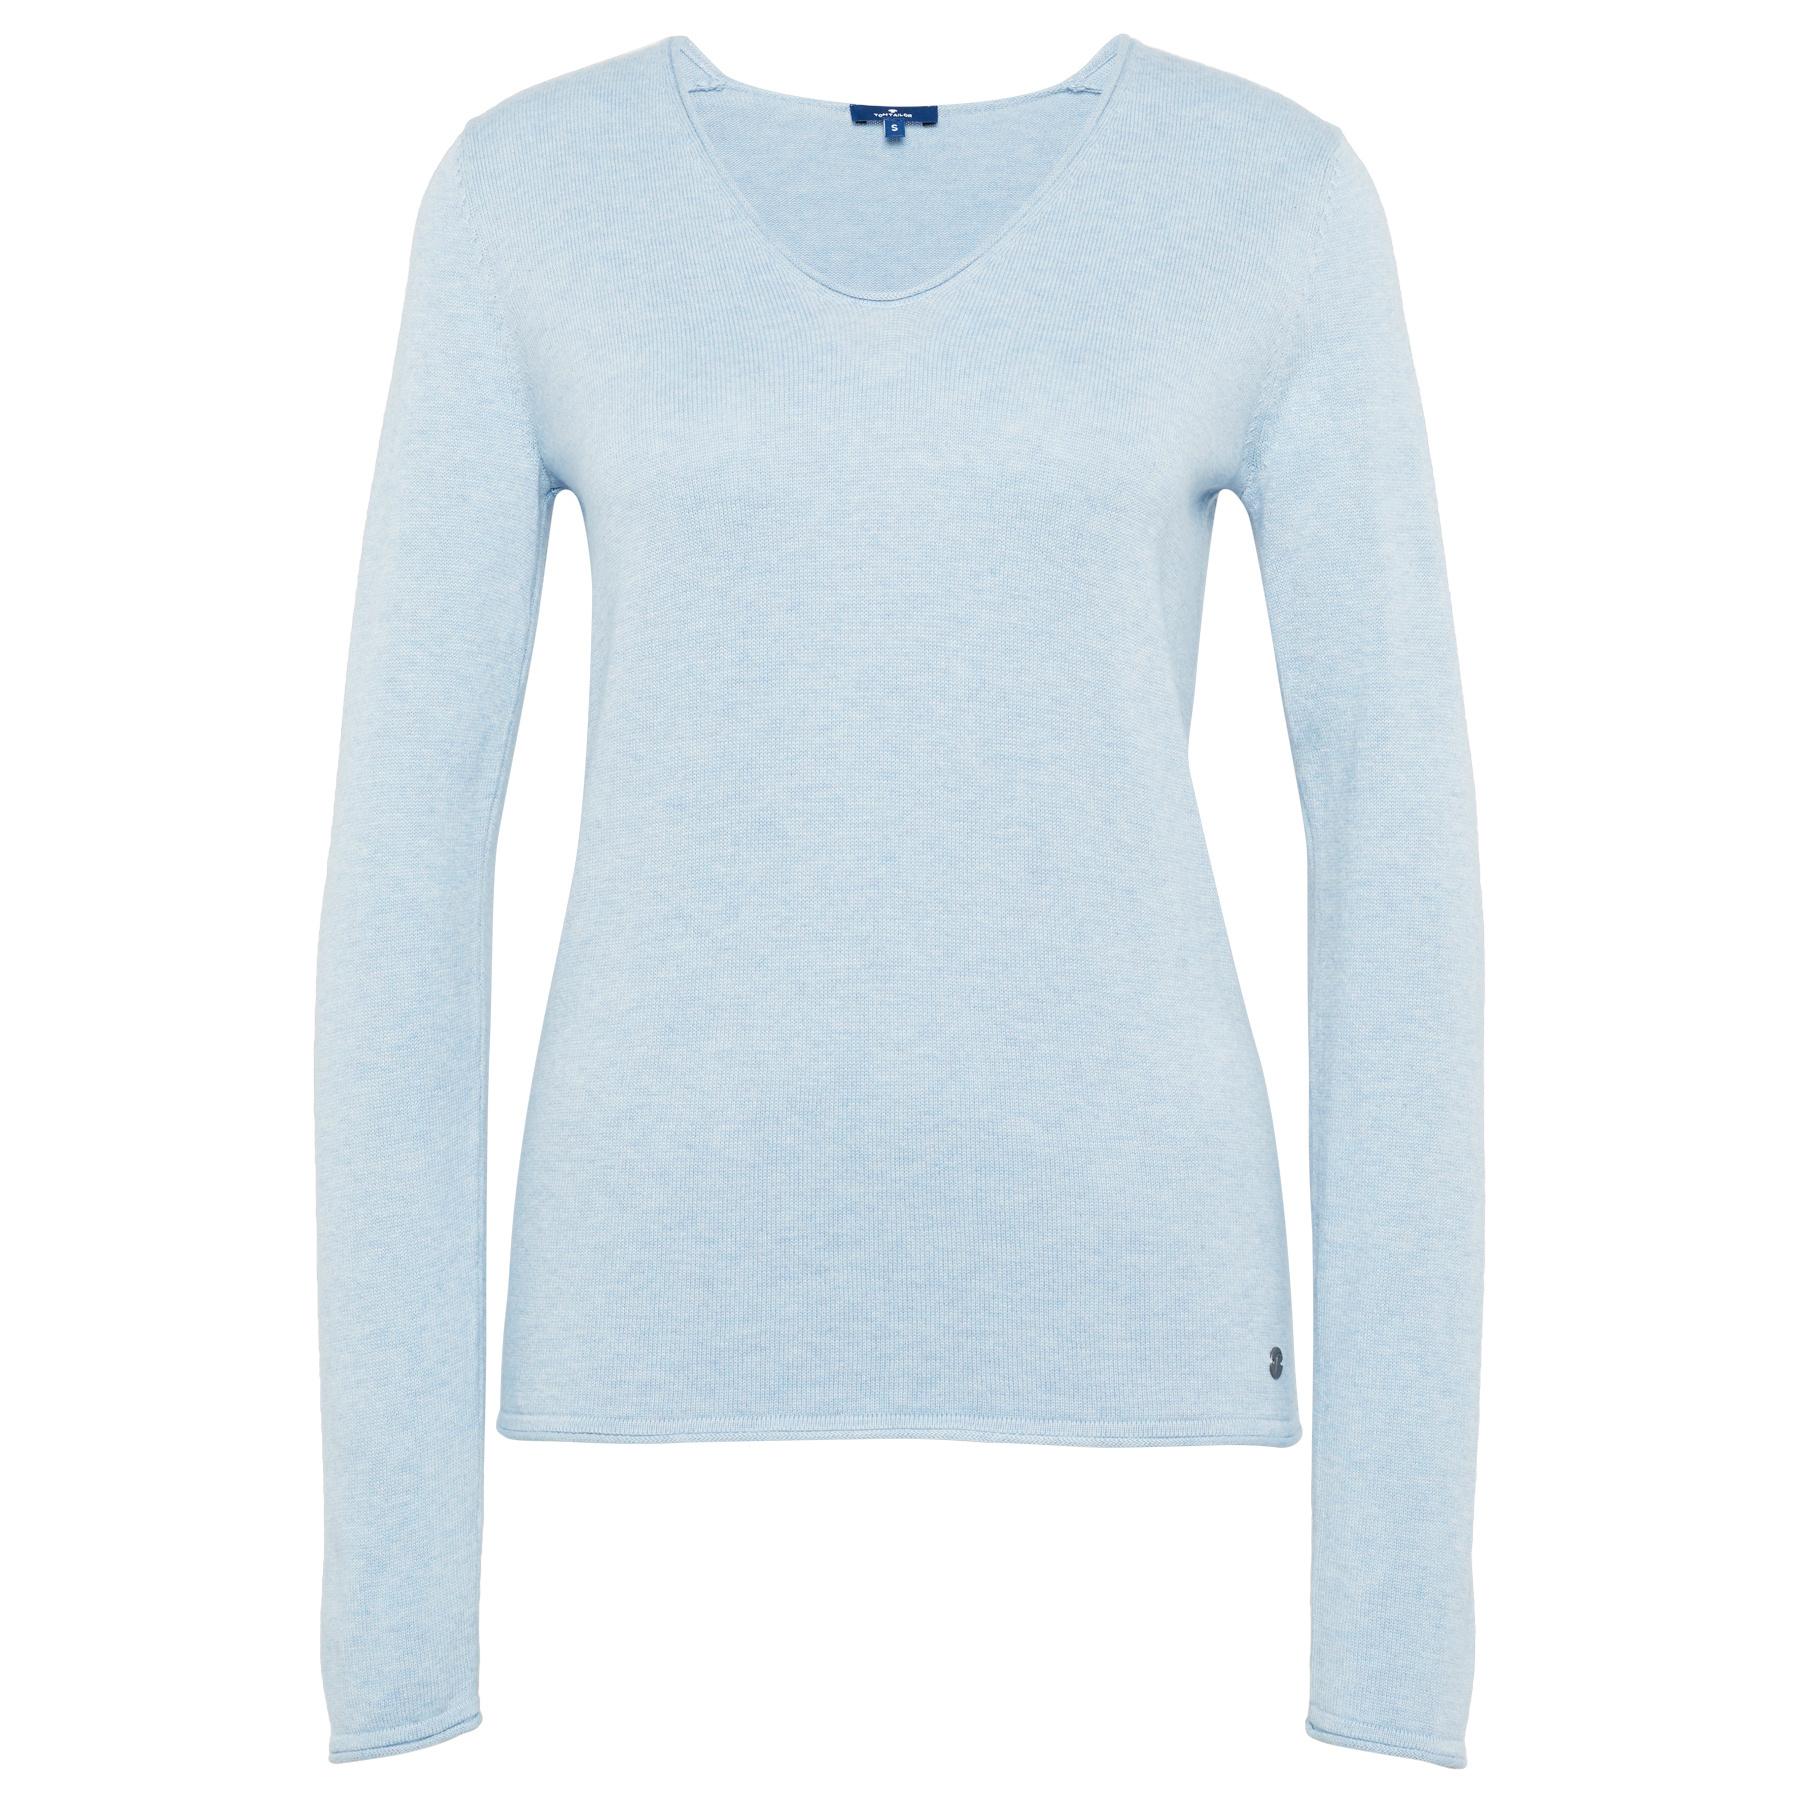 TTW_NOS_pullower-light-blue_ 30218540970_29,99eur